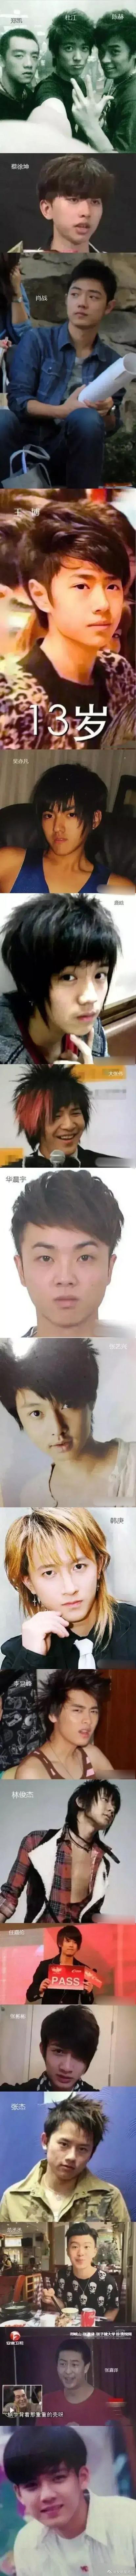 韩庚还是帅